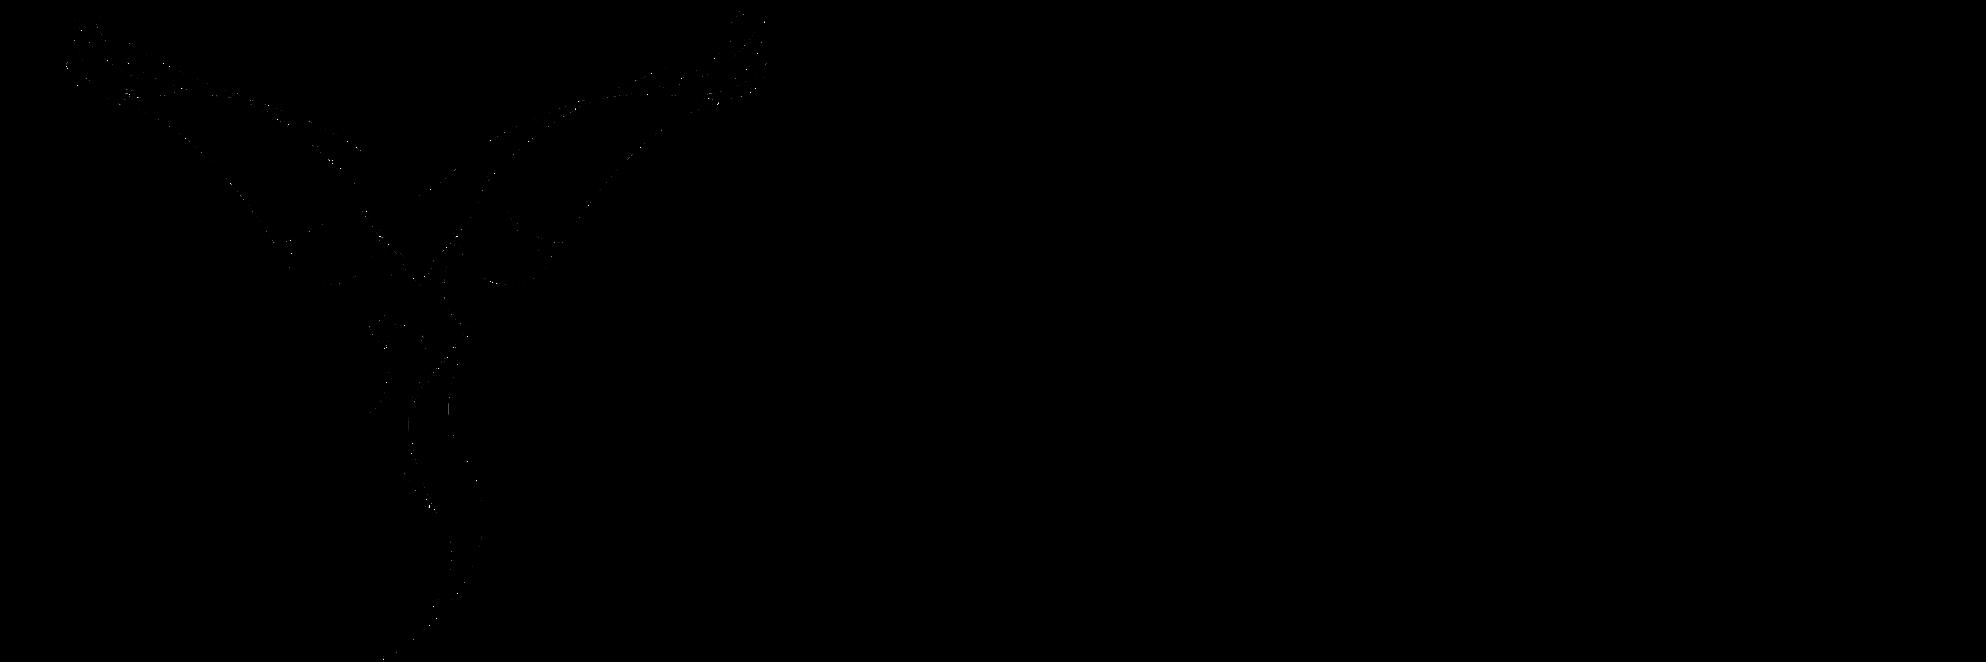 WhitePHOENIXarts